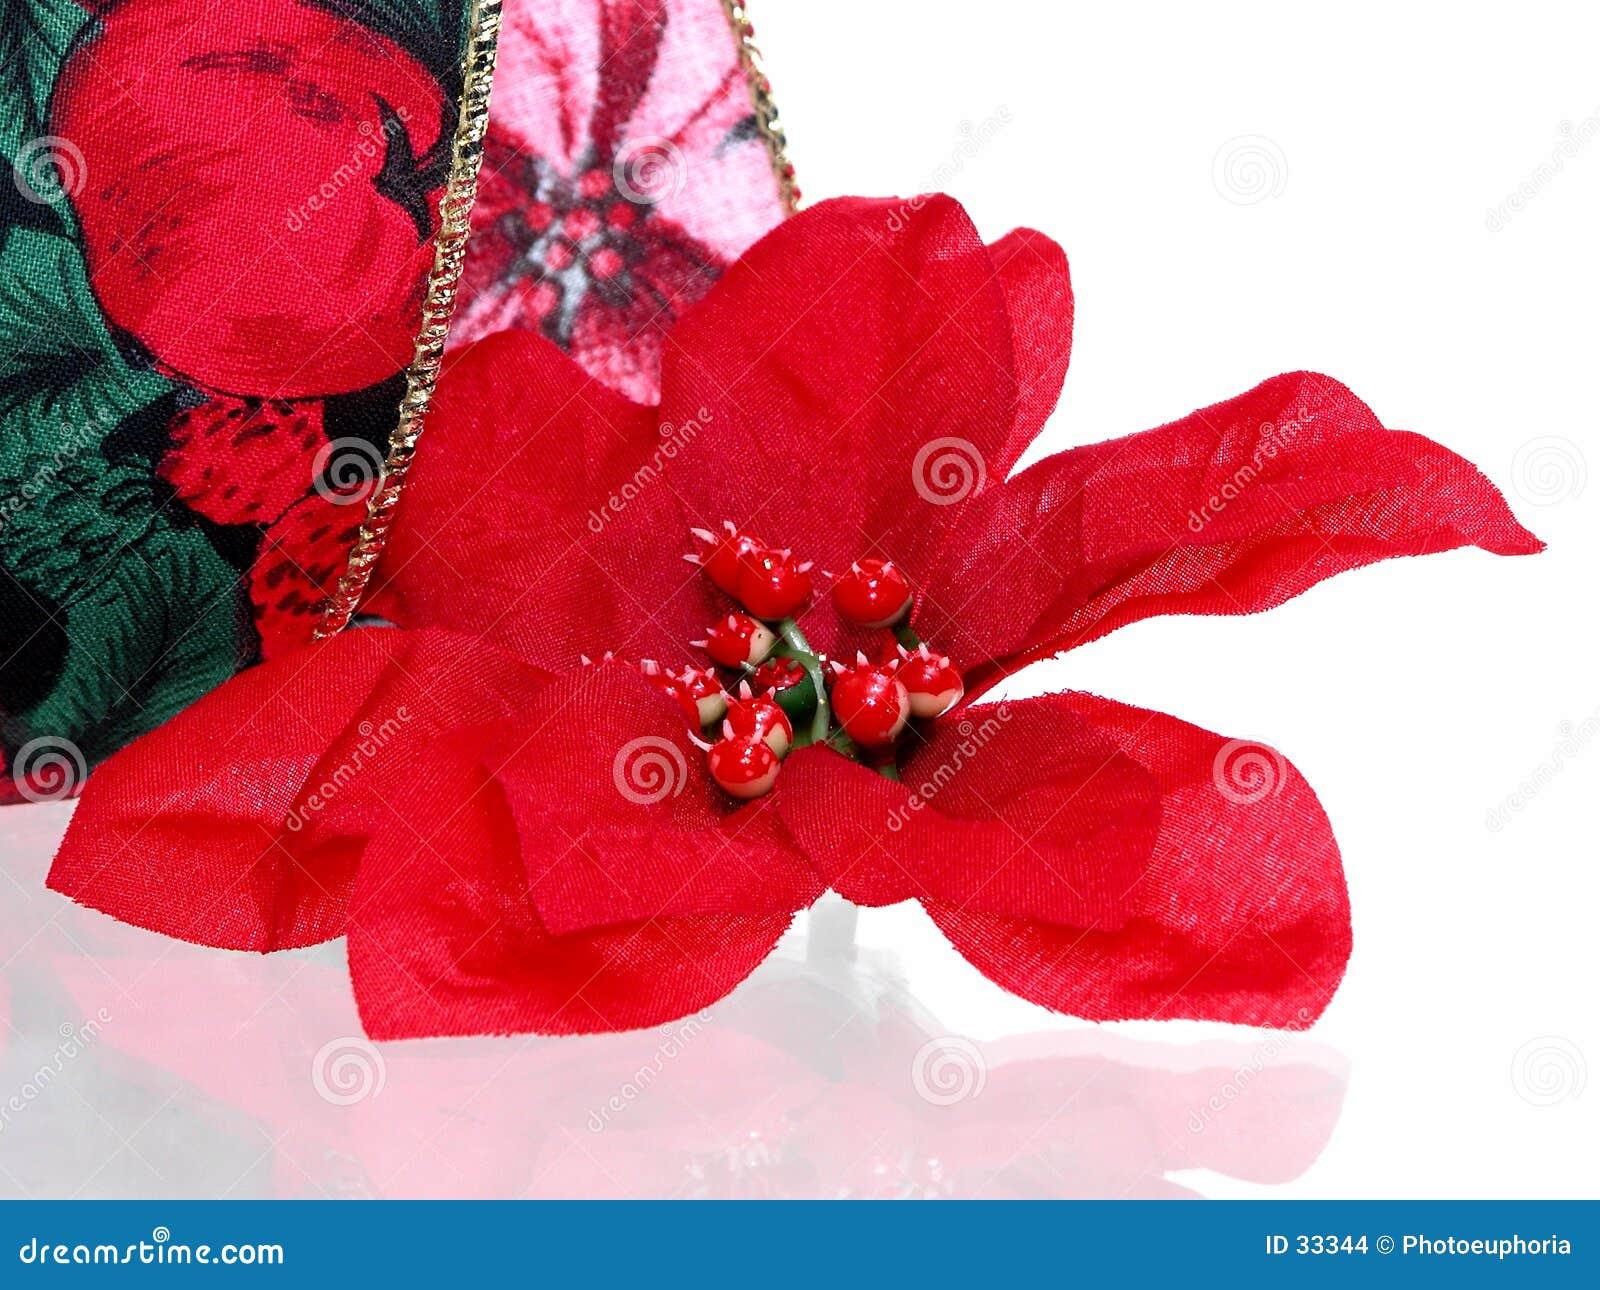 Noël : Fleur artificielle de poinsettia